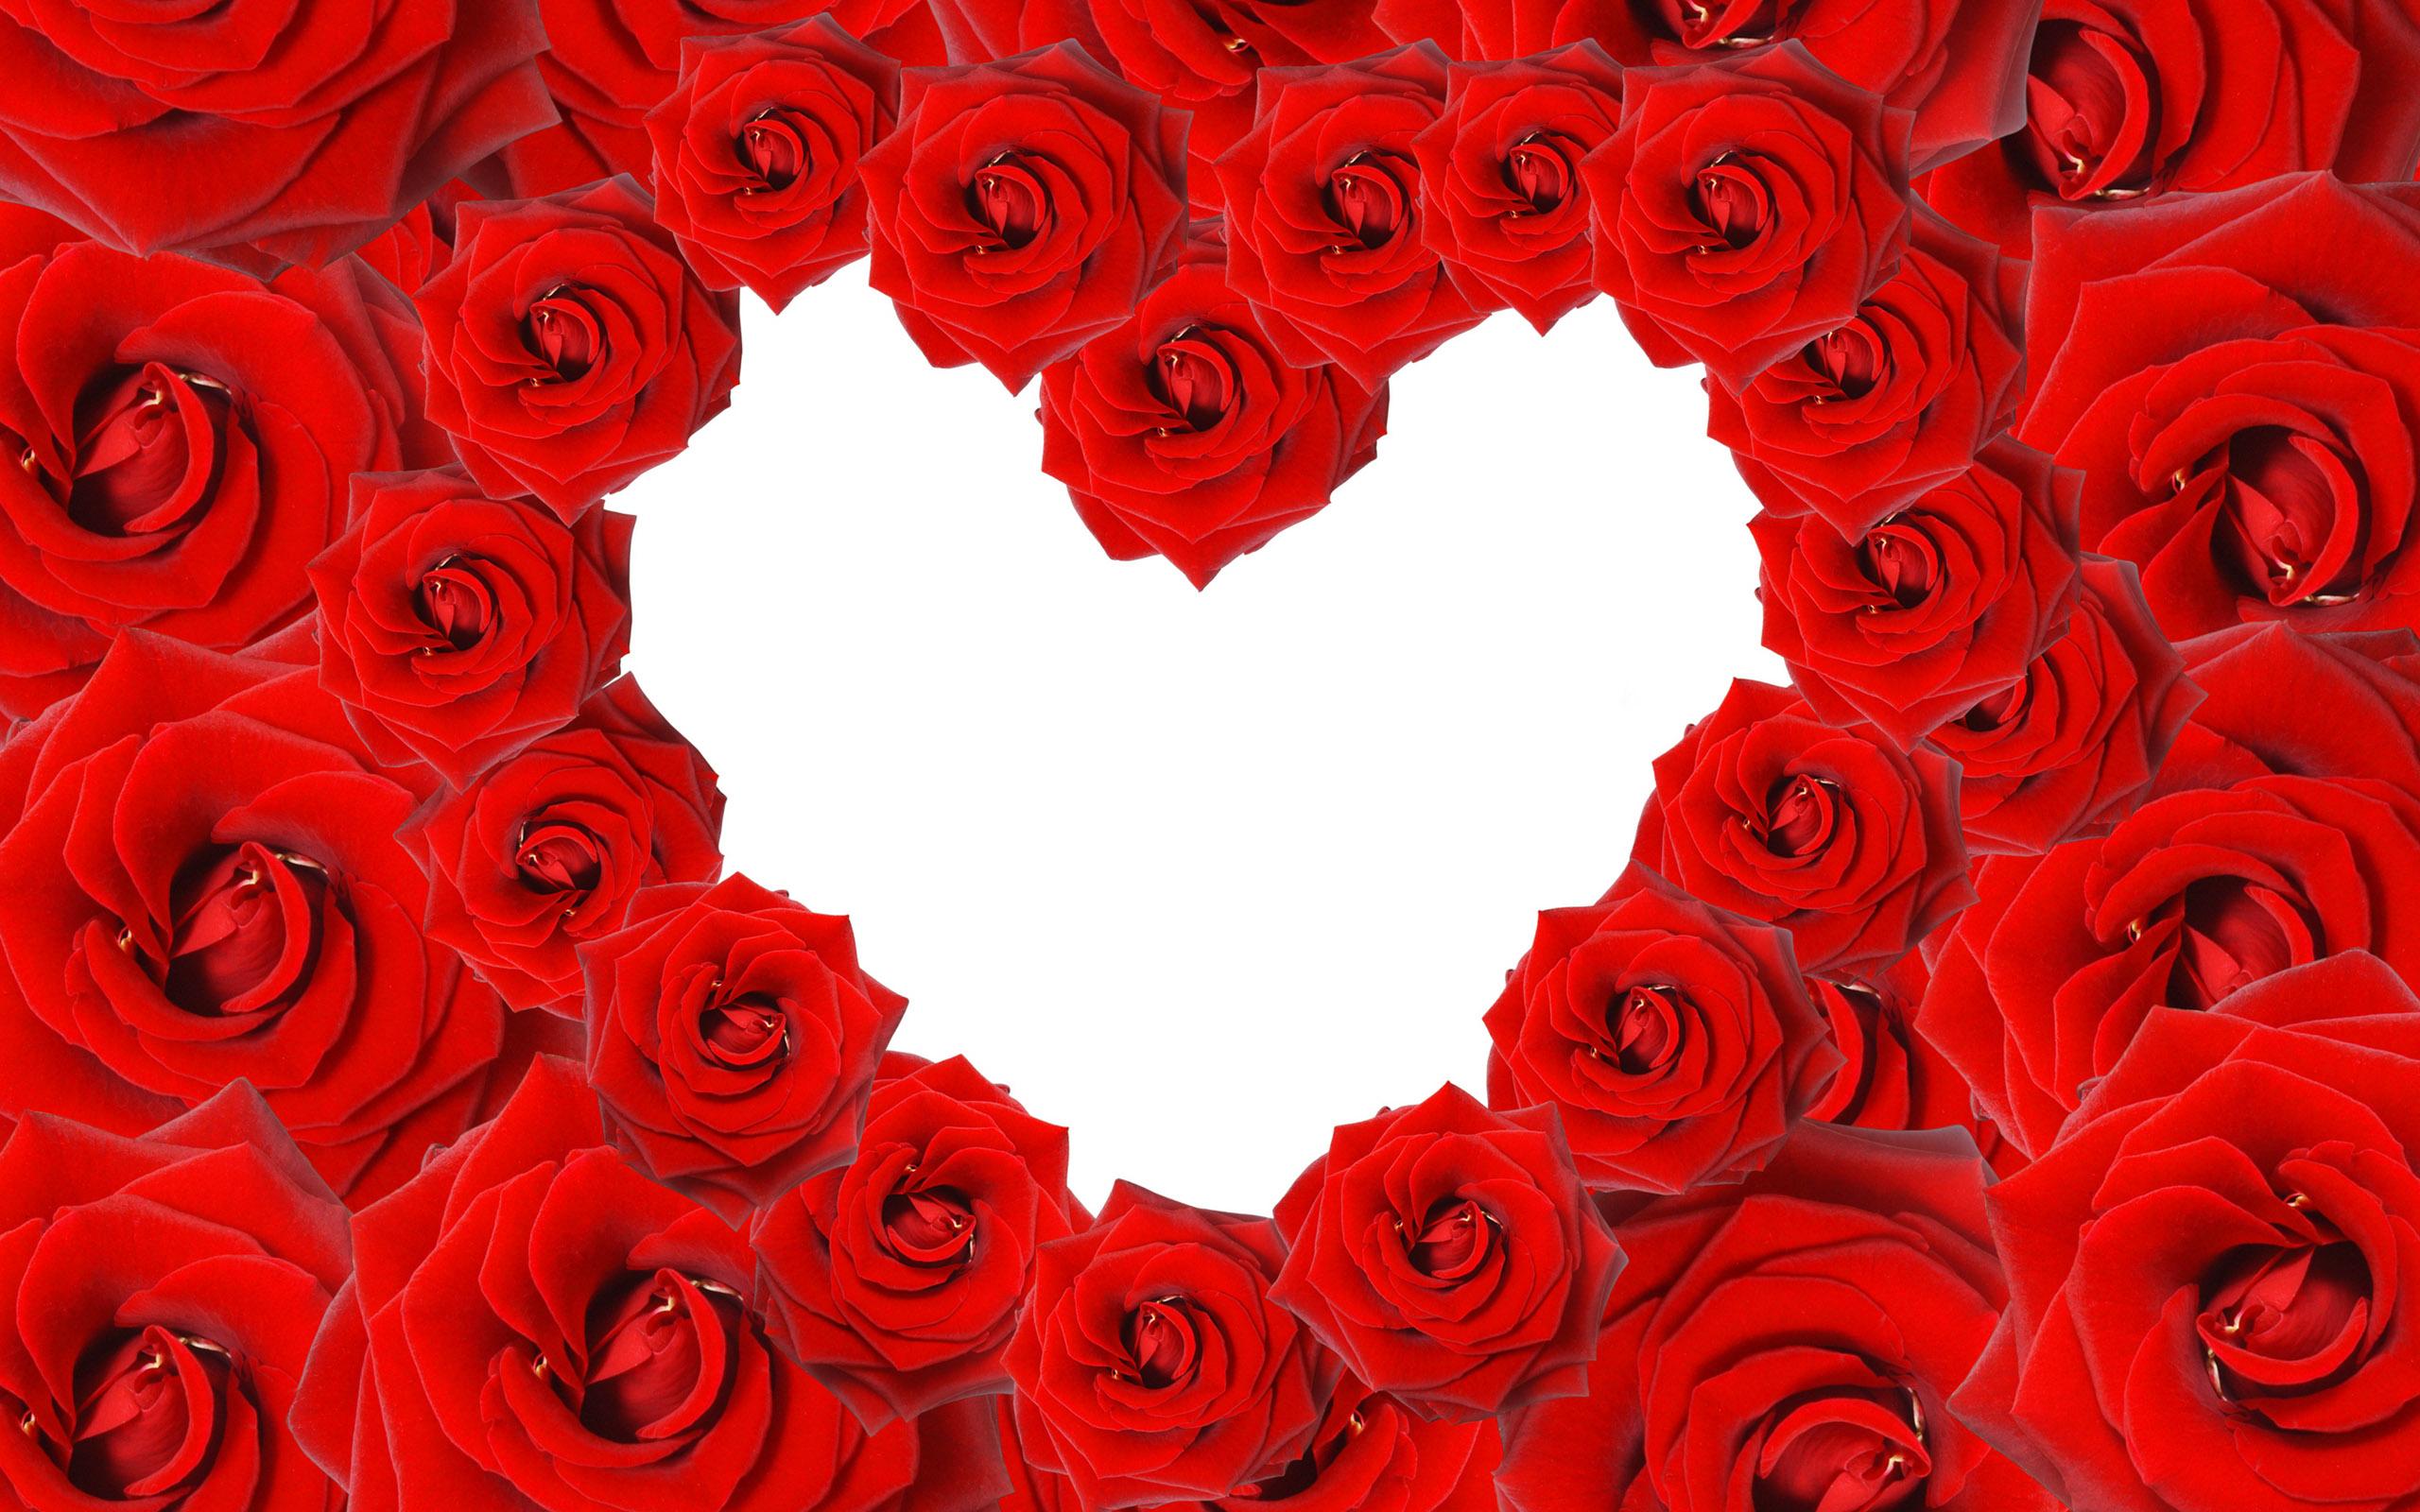 صور قلوب وحب ورومانسية وصورة قلب HD  (13)